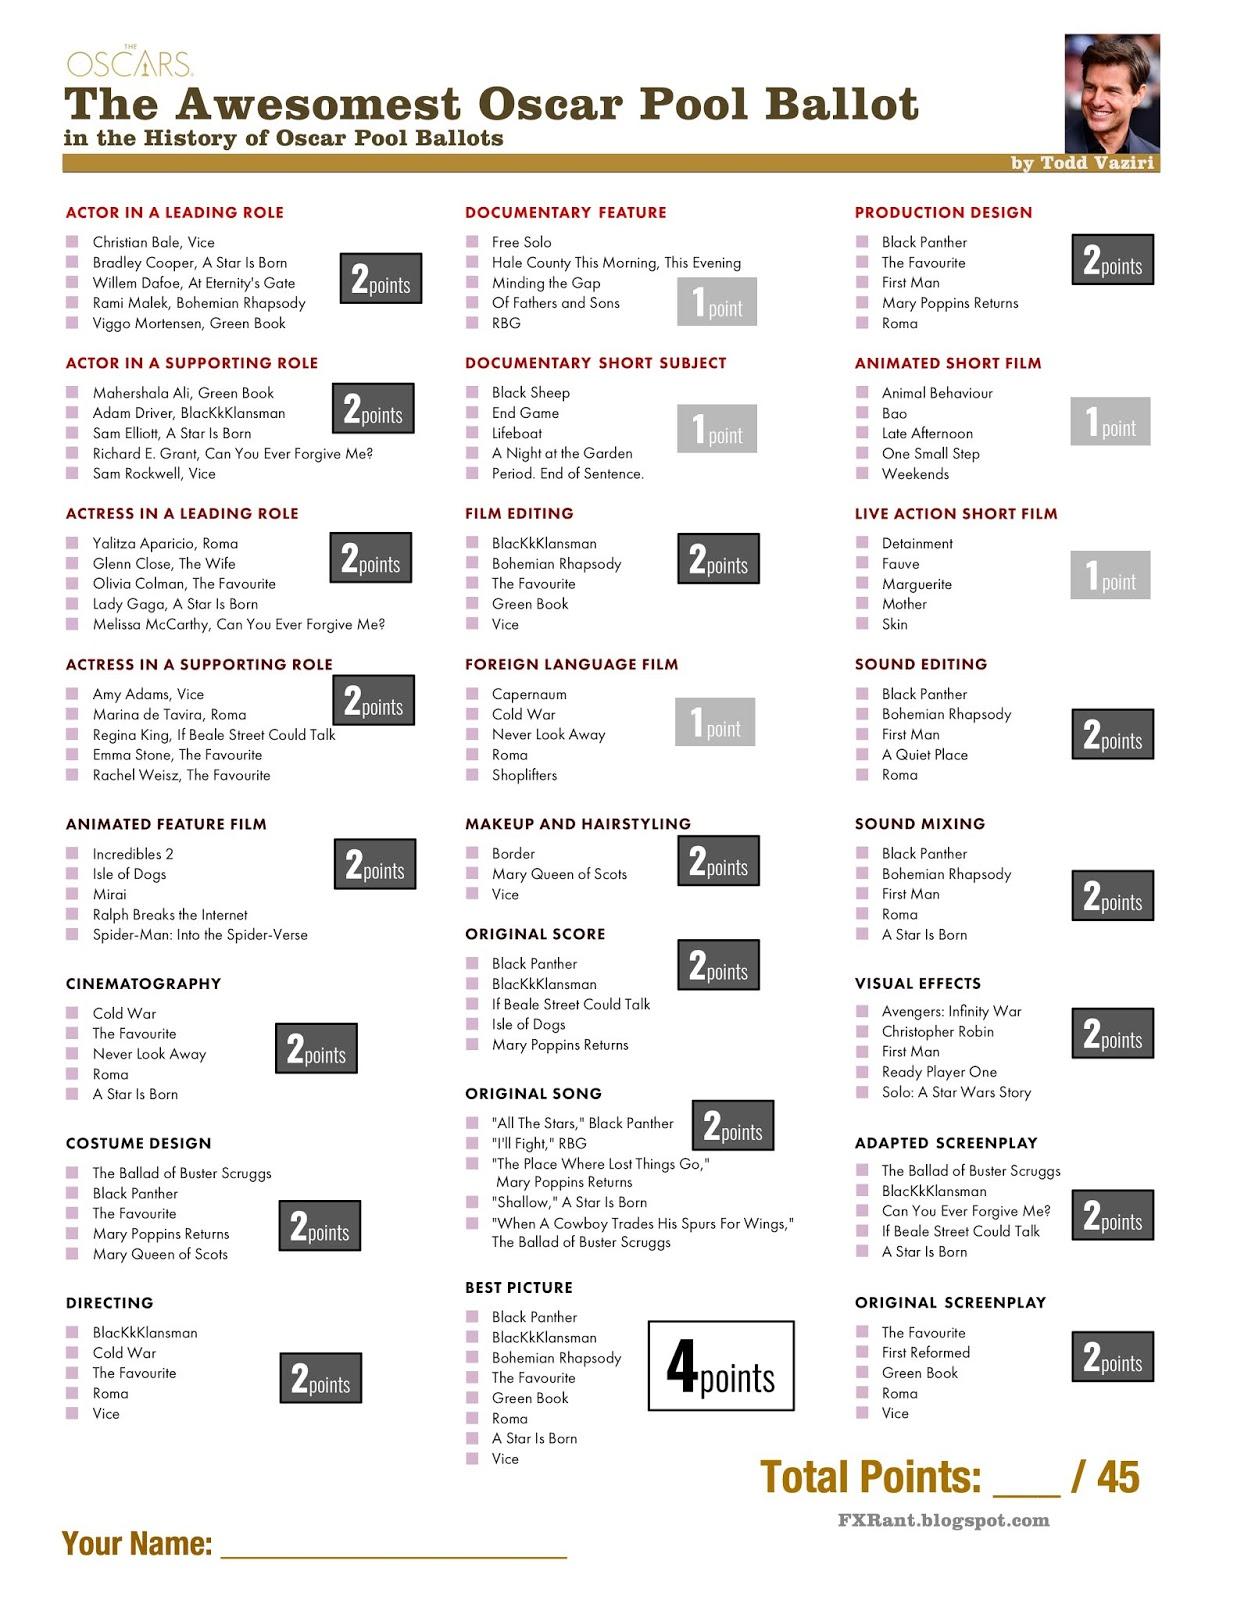 photo regarding Oscar Ballot Printable called FXRant: Oscar Pool Ballot, 91st Academy Awards